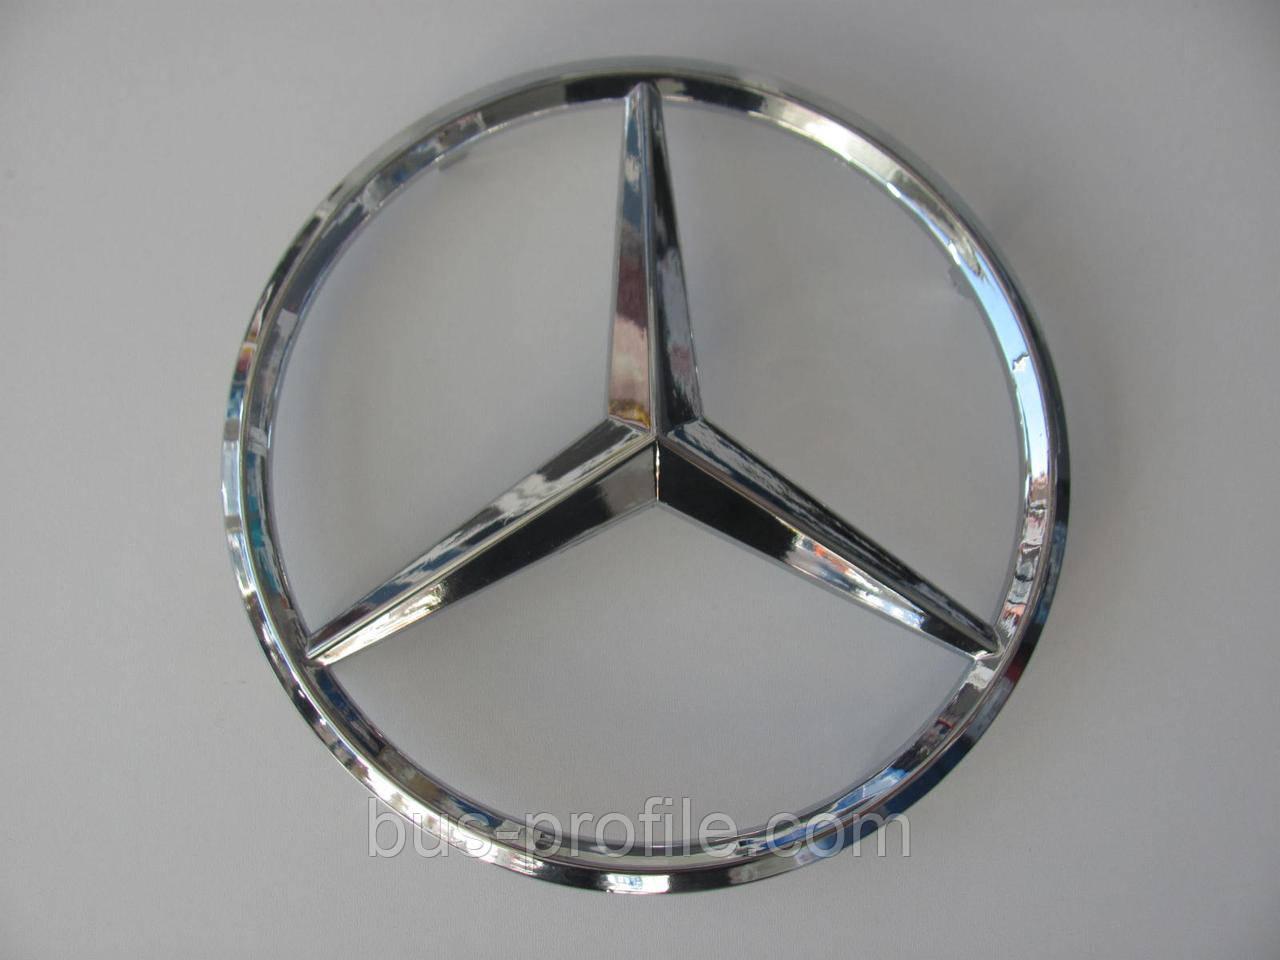 Знак (звезда) решетки радиатора, Sprinter CDI -06  — TURK — 9018170816